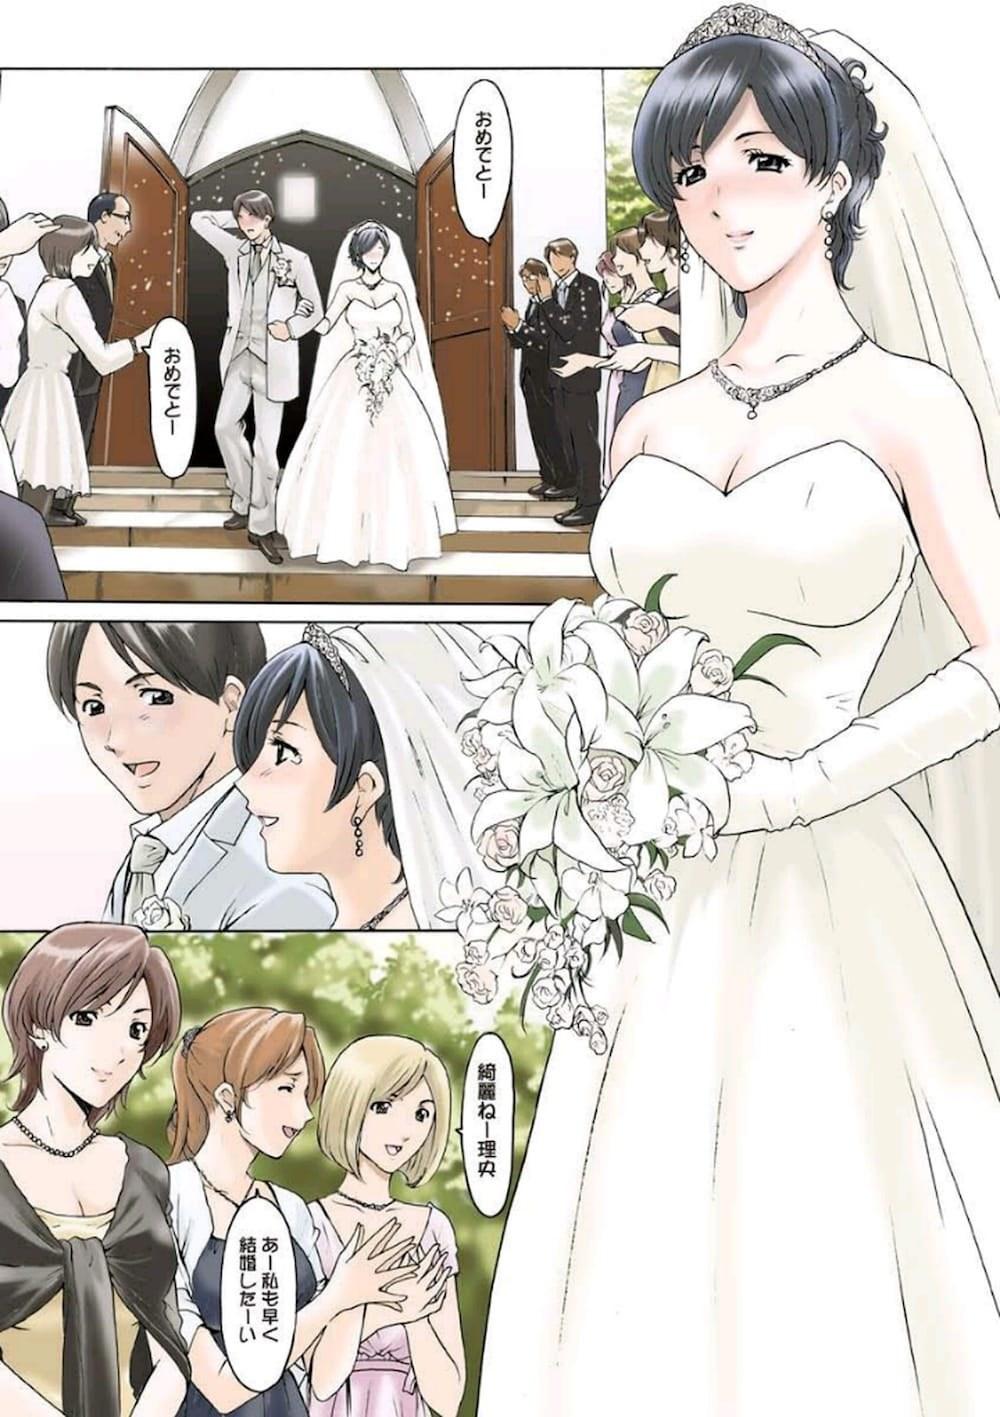 【エロ漫画・同人誌】新婦が処女のまま結婚した新婚夫婦、数ヶ月経ってもサルのように夫婦でセックスしまくって夫の帰りが遅いと妻が一人でオナニーしちゃう!www